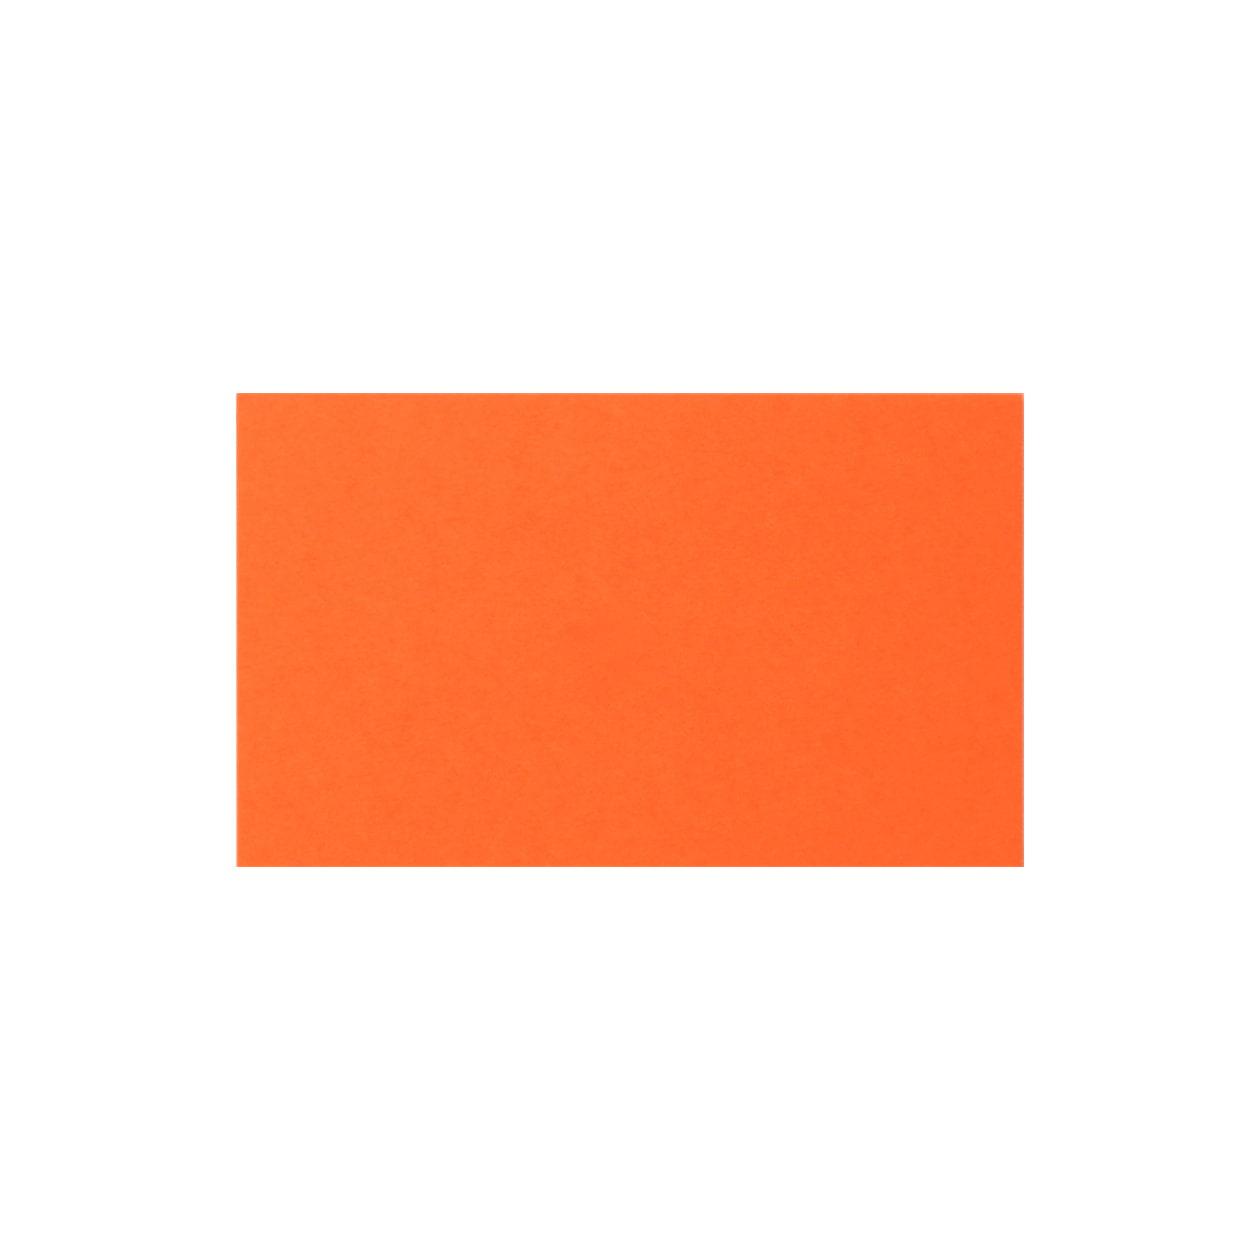 ネームカード ボード紙 オレンジ 465g